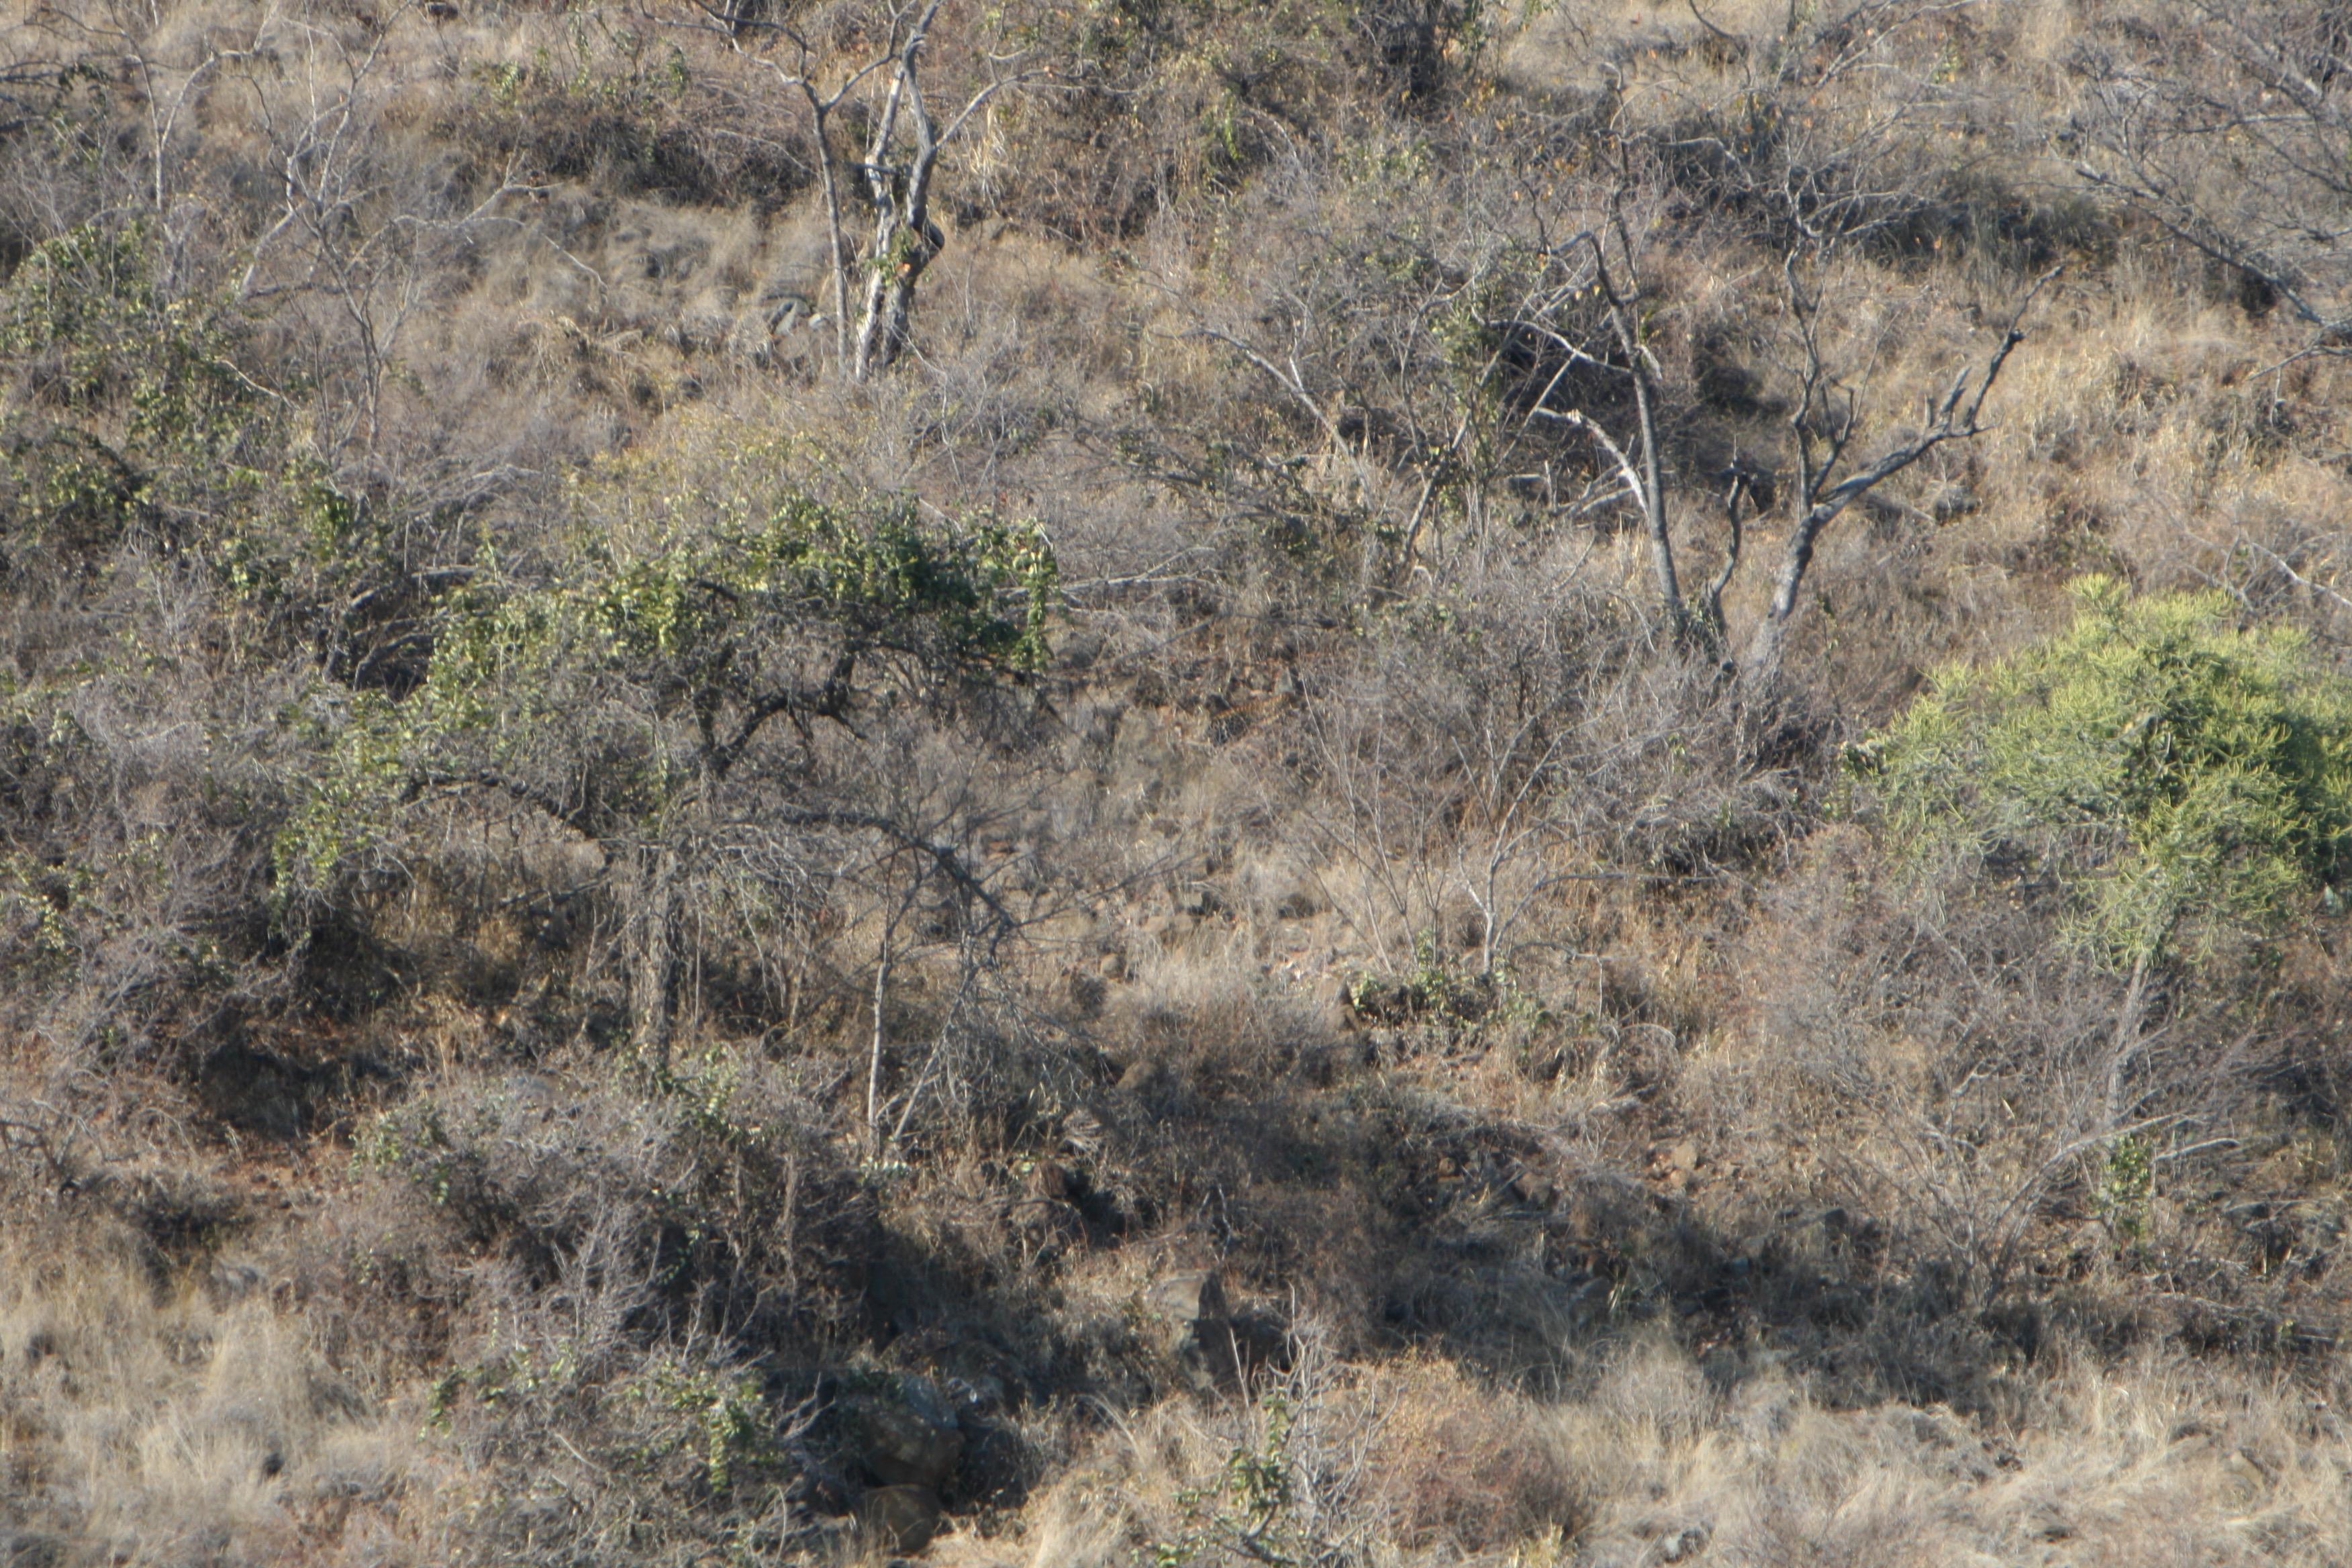 leopard in bush test.jpg